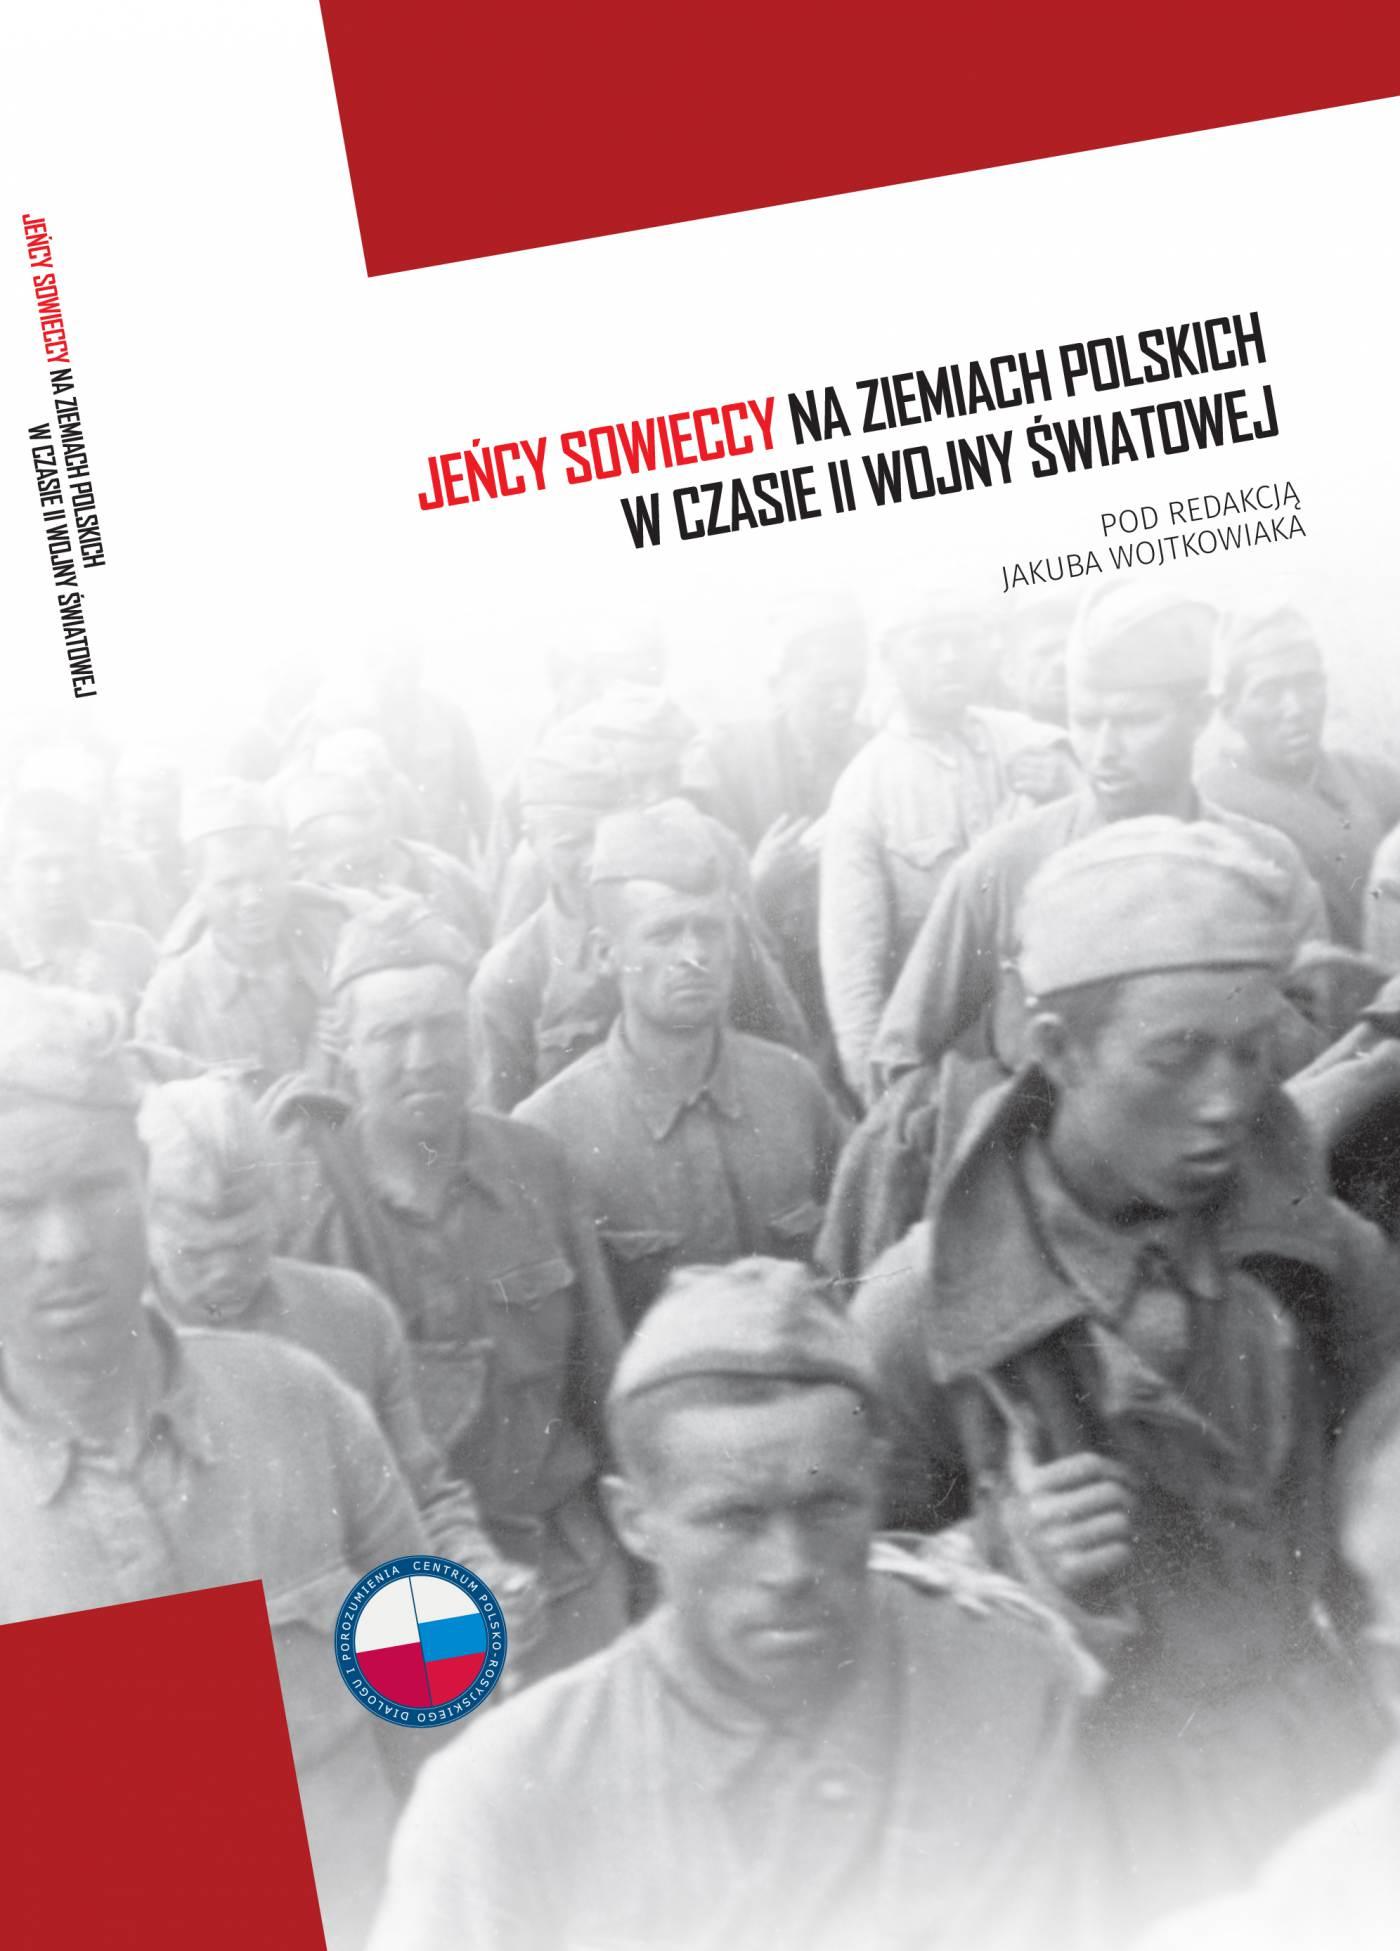 Jeńcy sowieccy na ziemiach polskich w czasie II wojny światowej - Ebook (Książka na Kindle) do pobrania w formacie MOBI